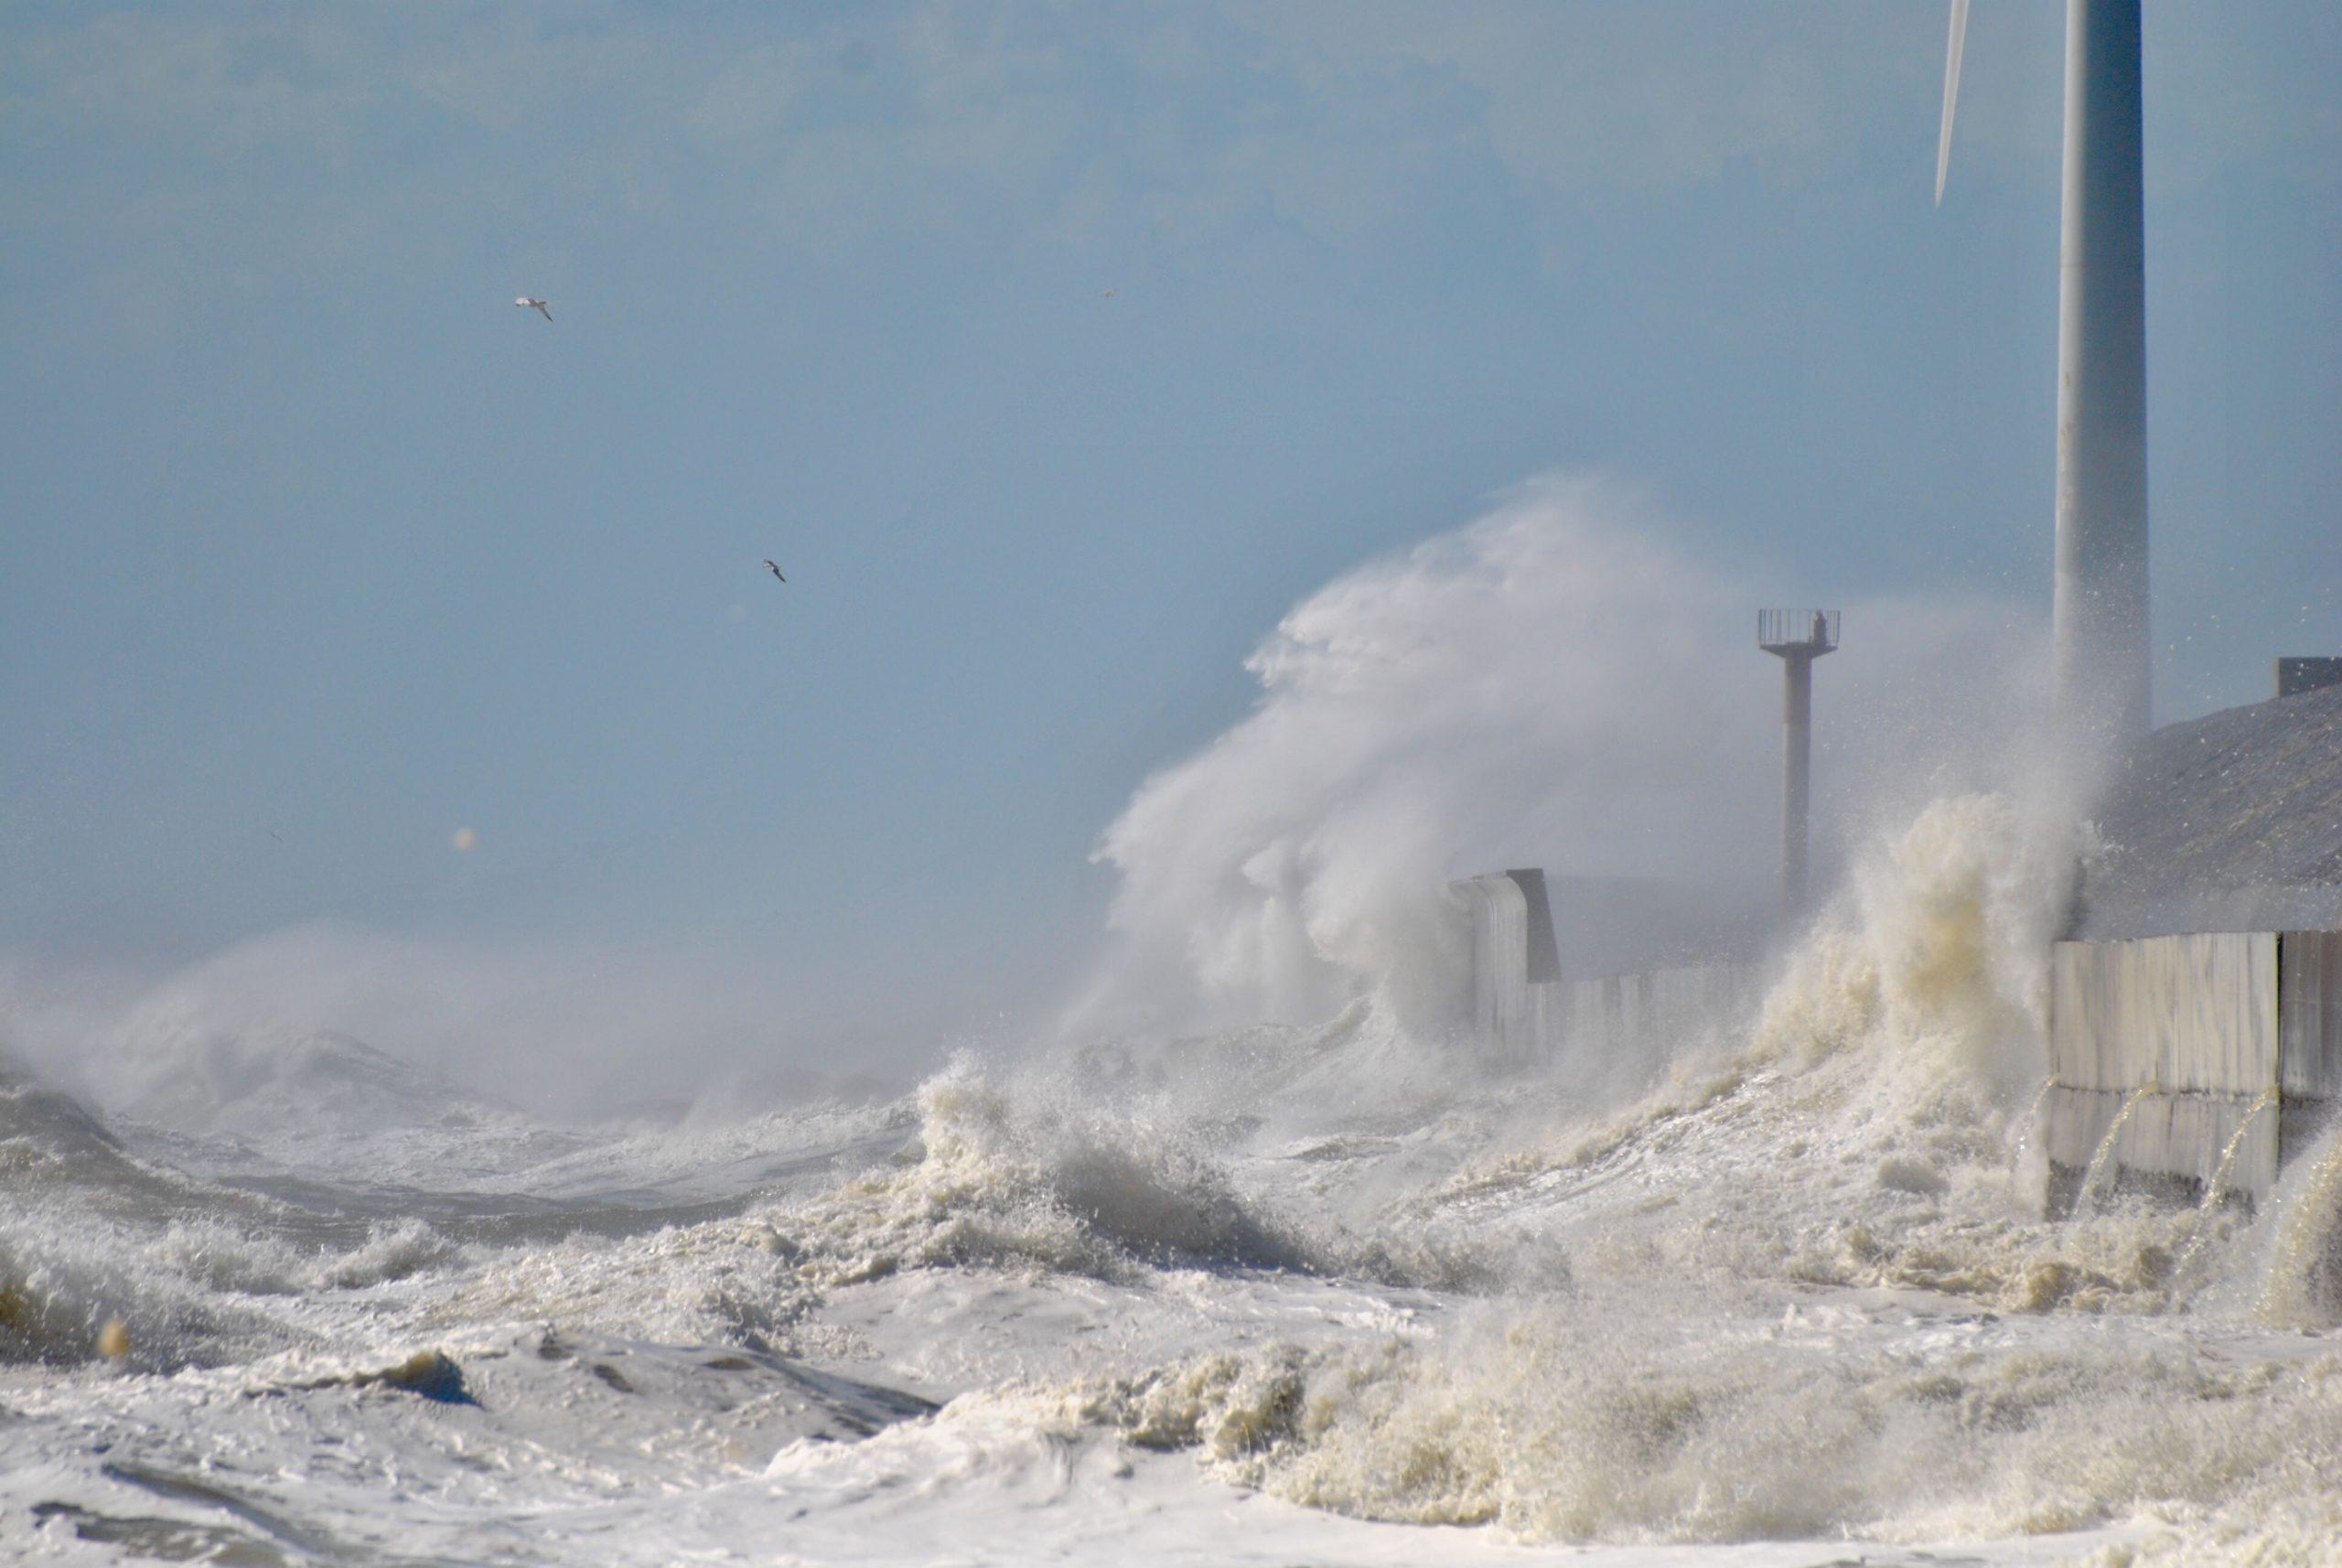 """Potensi Tsunami 28 Meter di Pacitan, BMKG Himbau Pemda Siapkan """"Skenario Terburuk"""""""